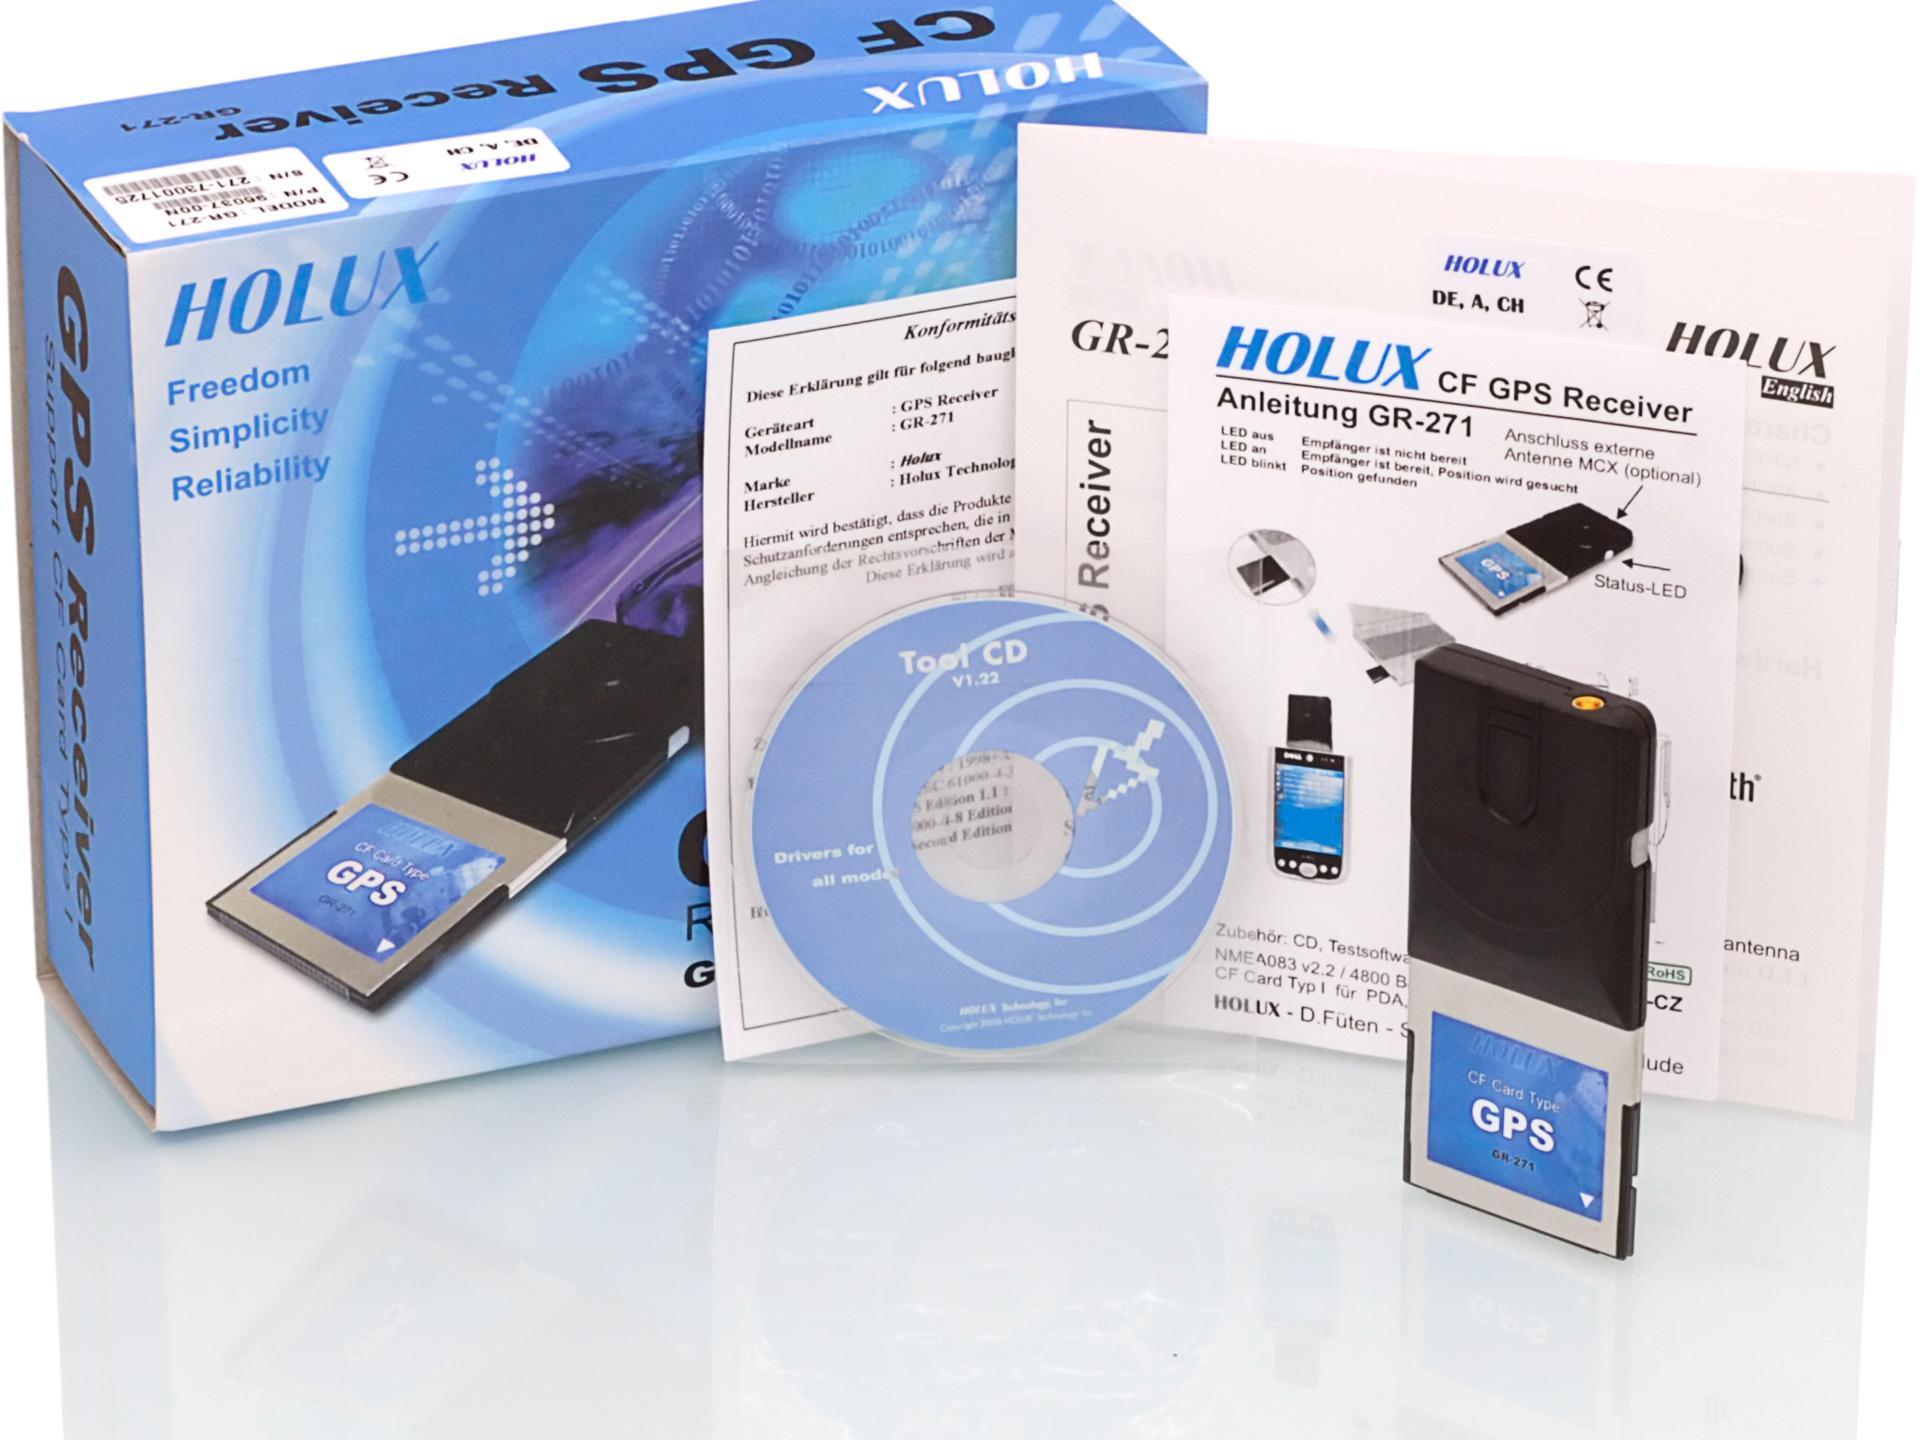 Holux GR-271 - Lieferumfang